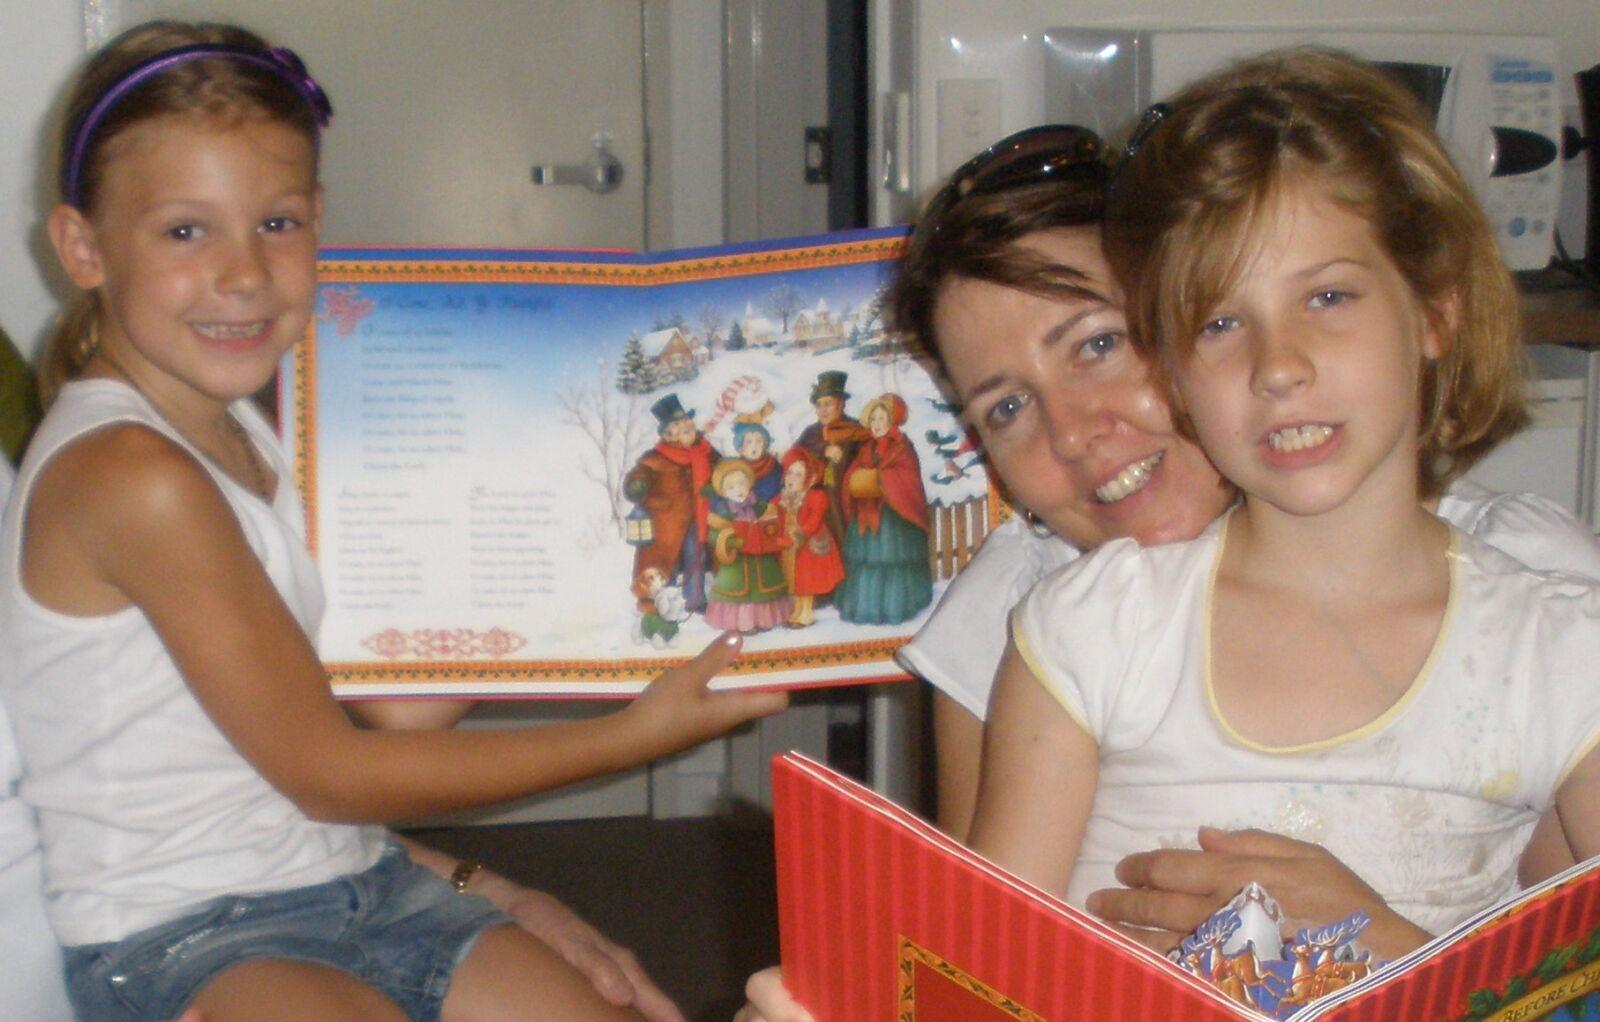 CHILDREN's EBOOKS author Anne Garton reading to her girls.